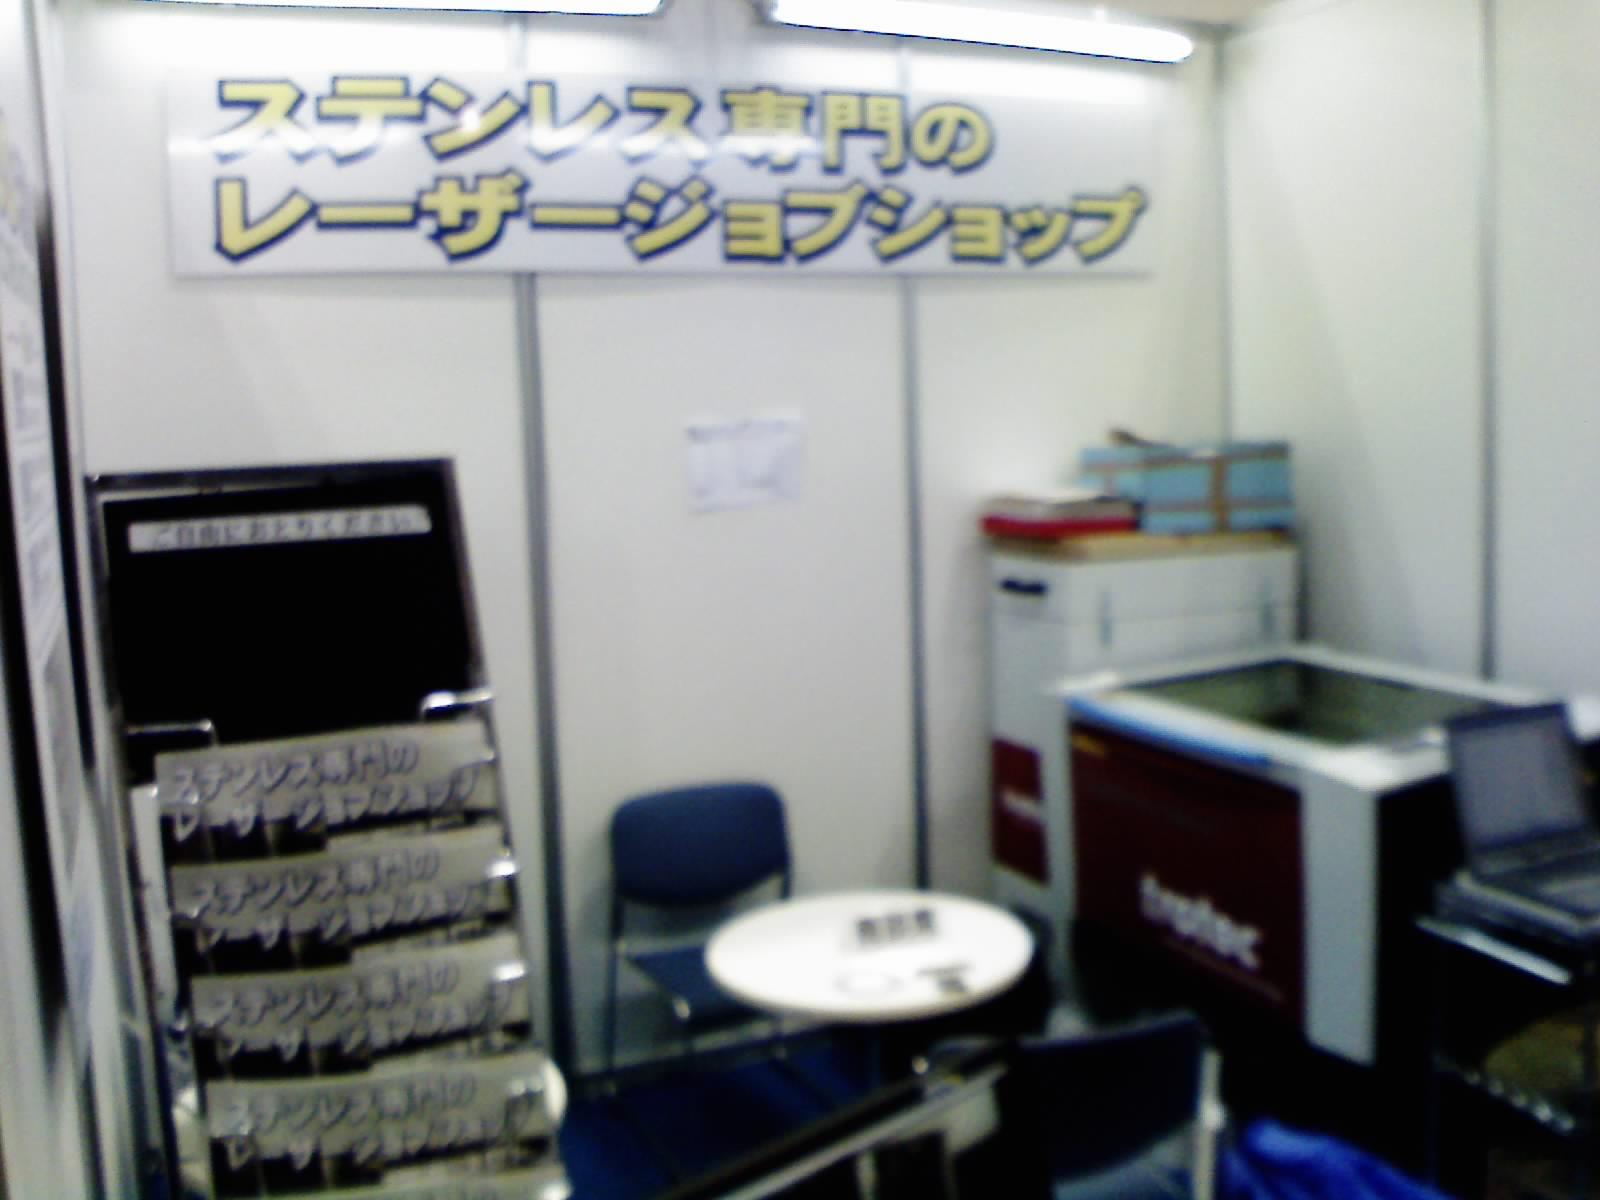 機械要素技術展開幕_d0085634_1004925.jpg